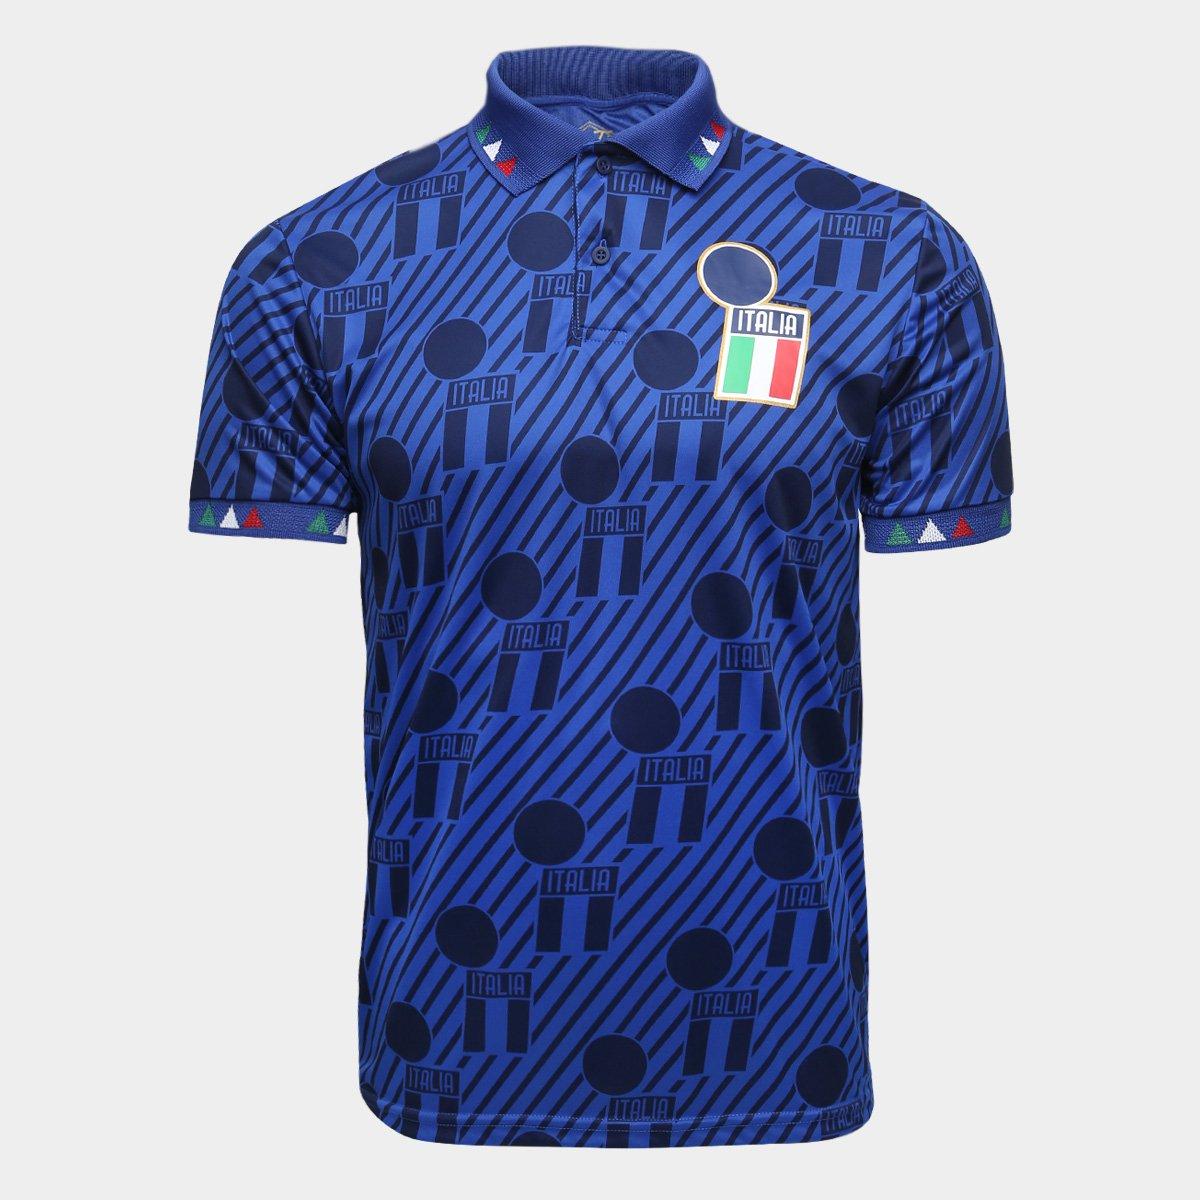 209c8c976c Camisa Polo Itália Retrô Times 1994 Masculina - Compre Agora ...